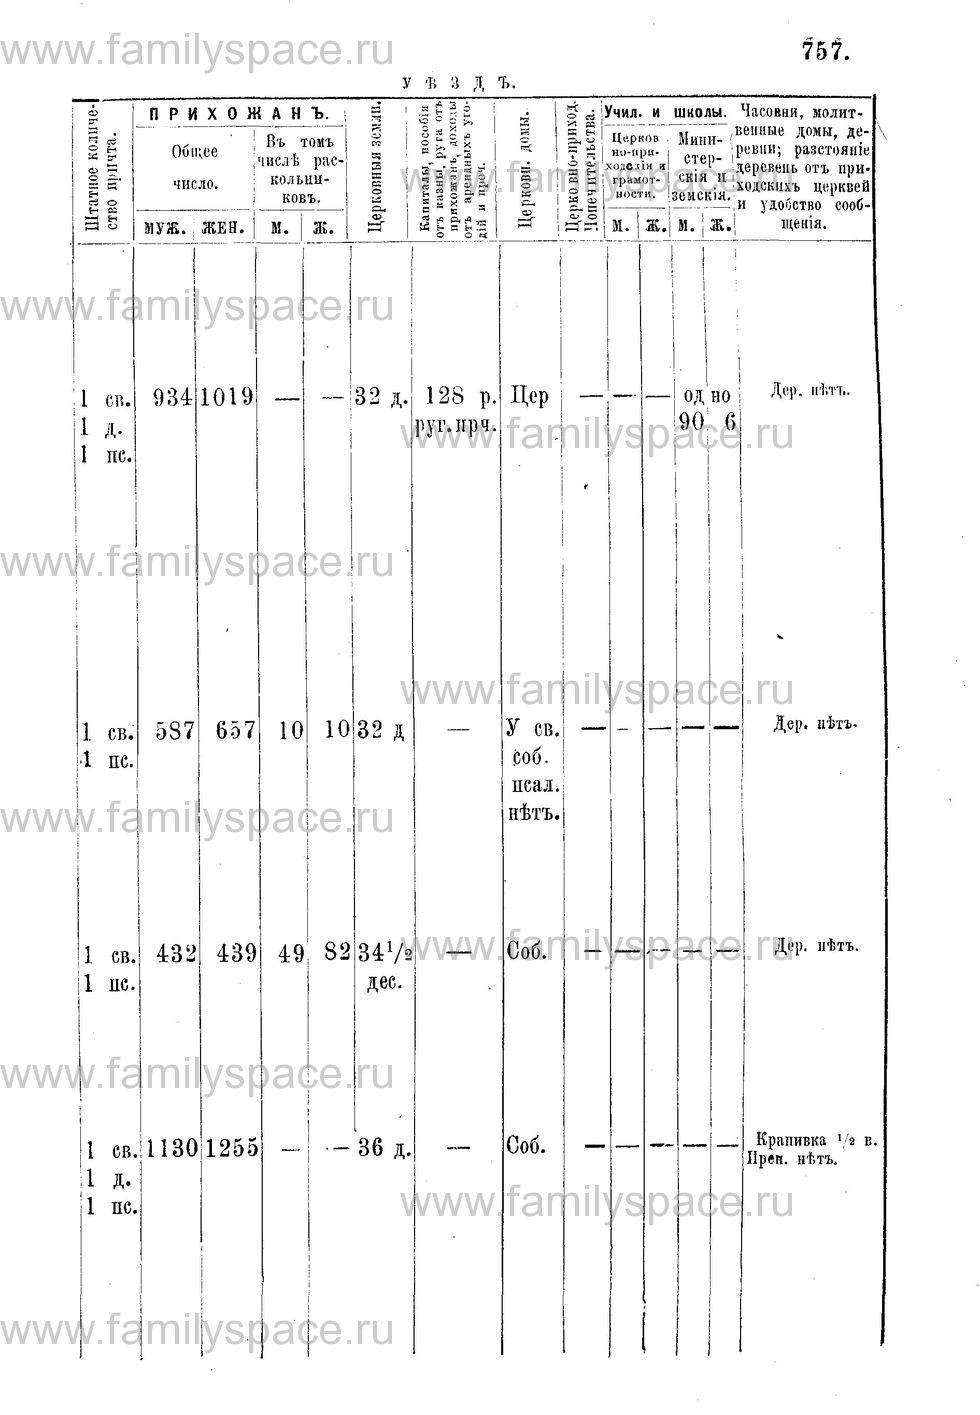 Поиск по фамилии - Адрес-календарь Нижегородской епархии на 1888 год, страница 1757